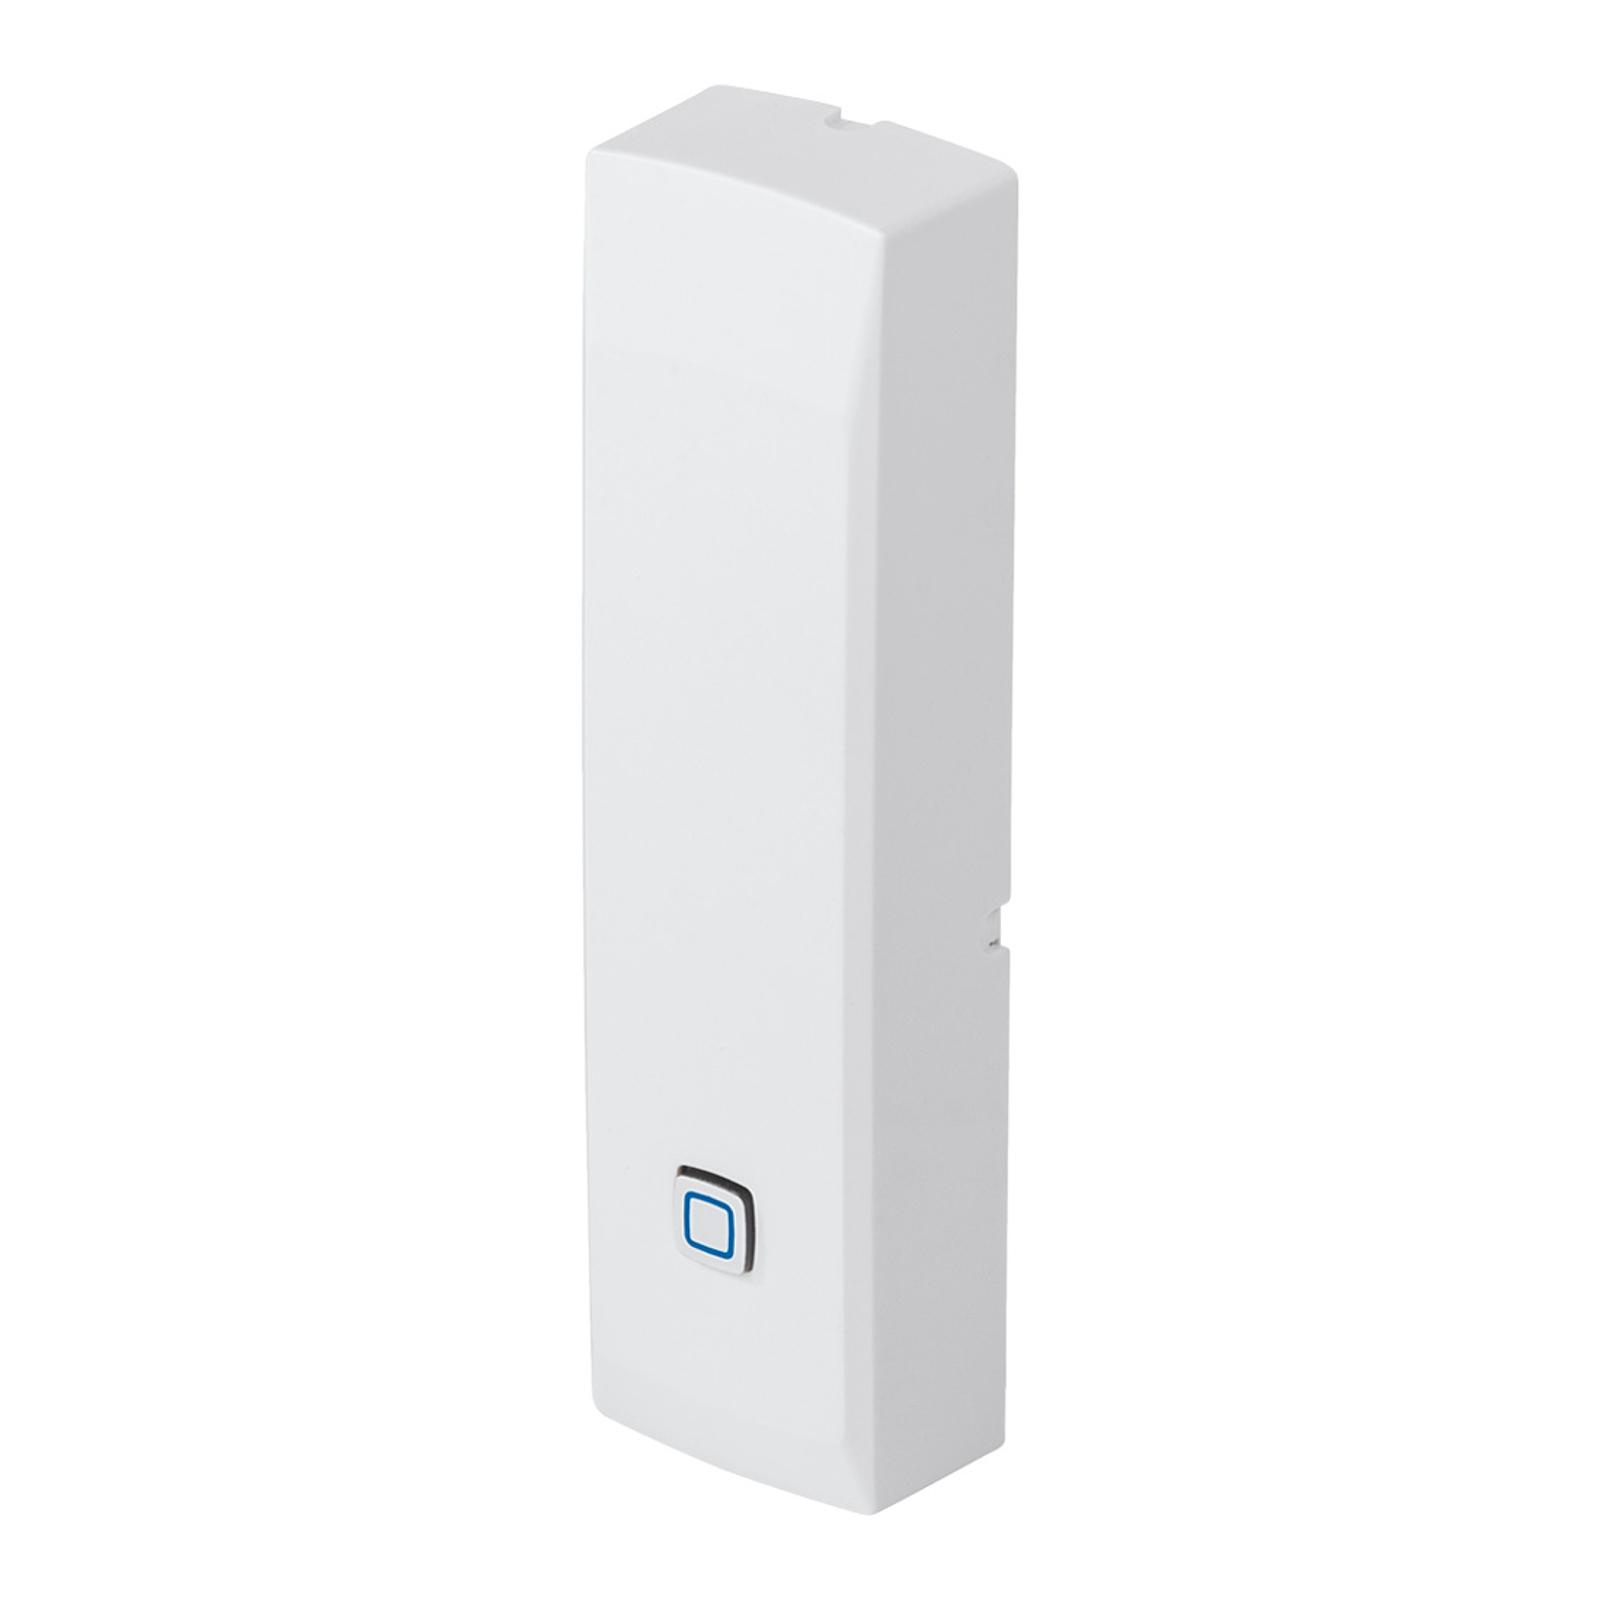 Homematic IP-grensesnitt glasskår/magnetkontakt